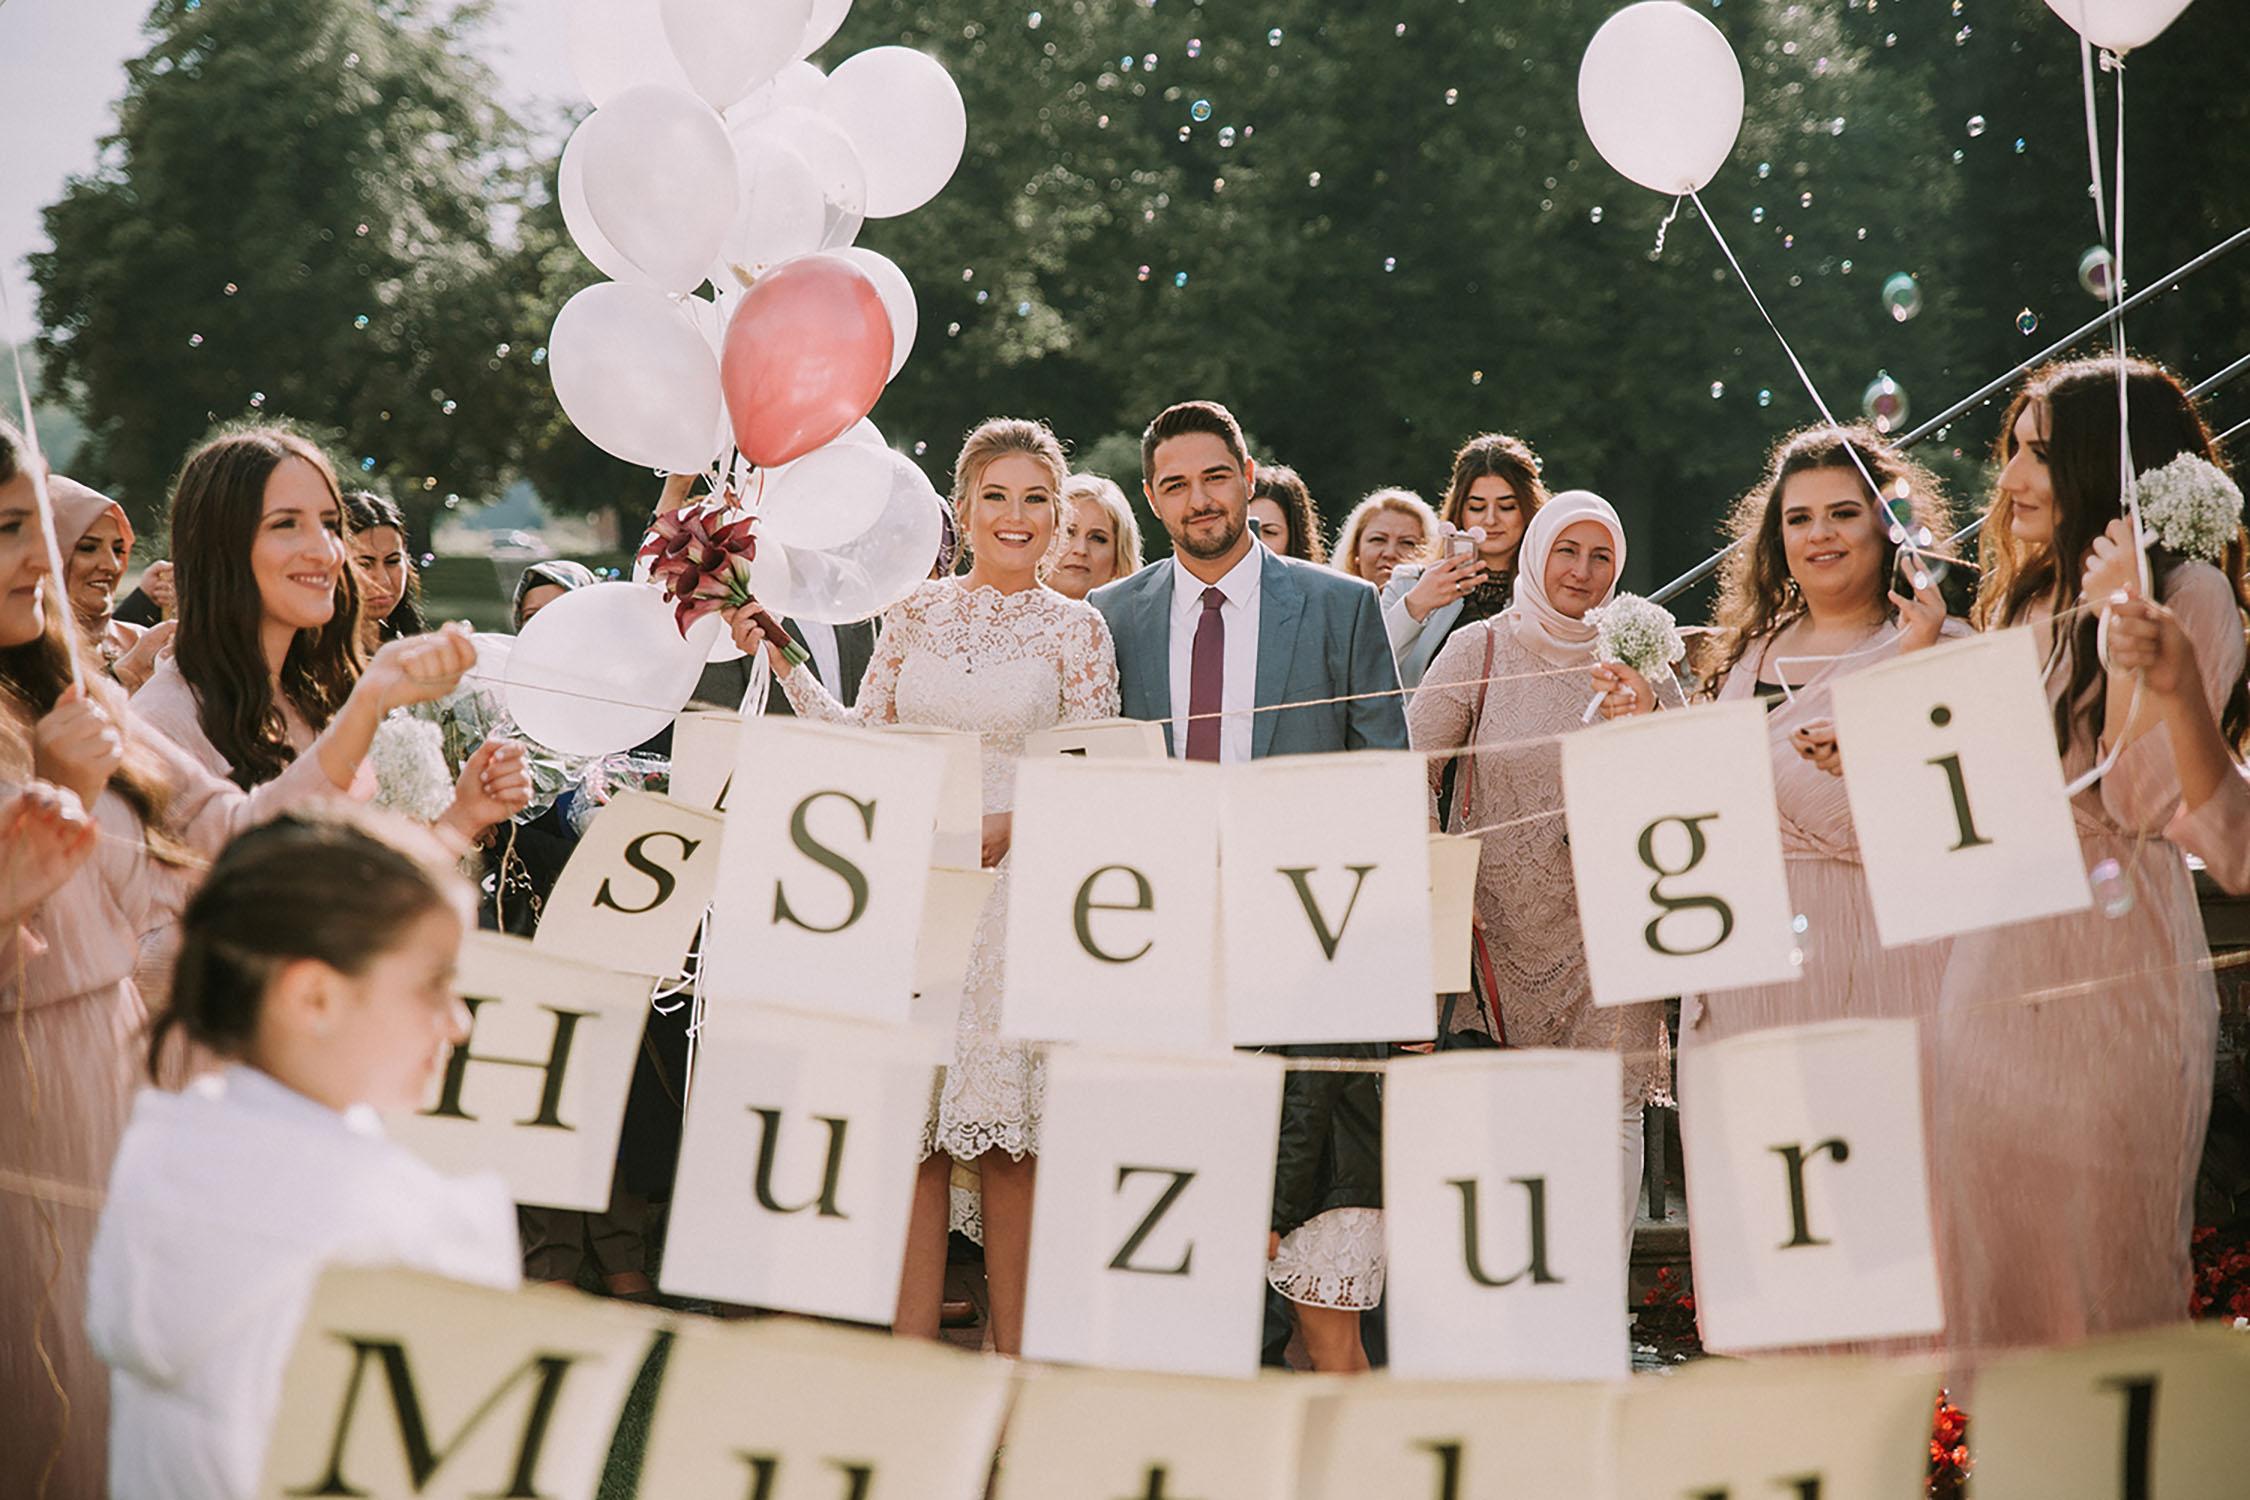 Braut und Bräutigam feiern die standesamtliche Trauung.jpg